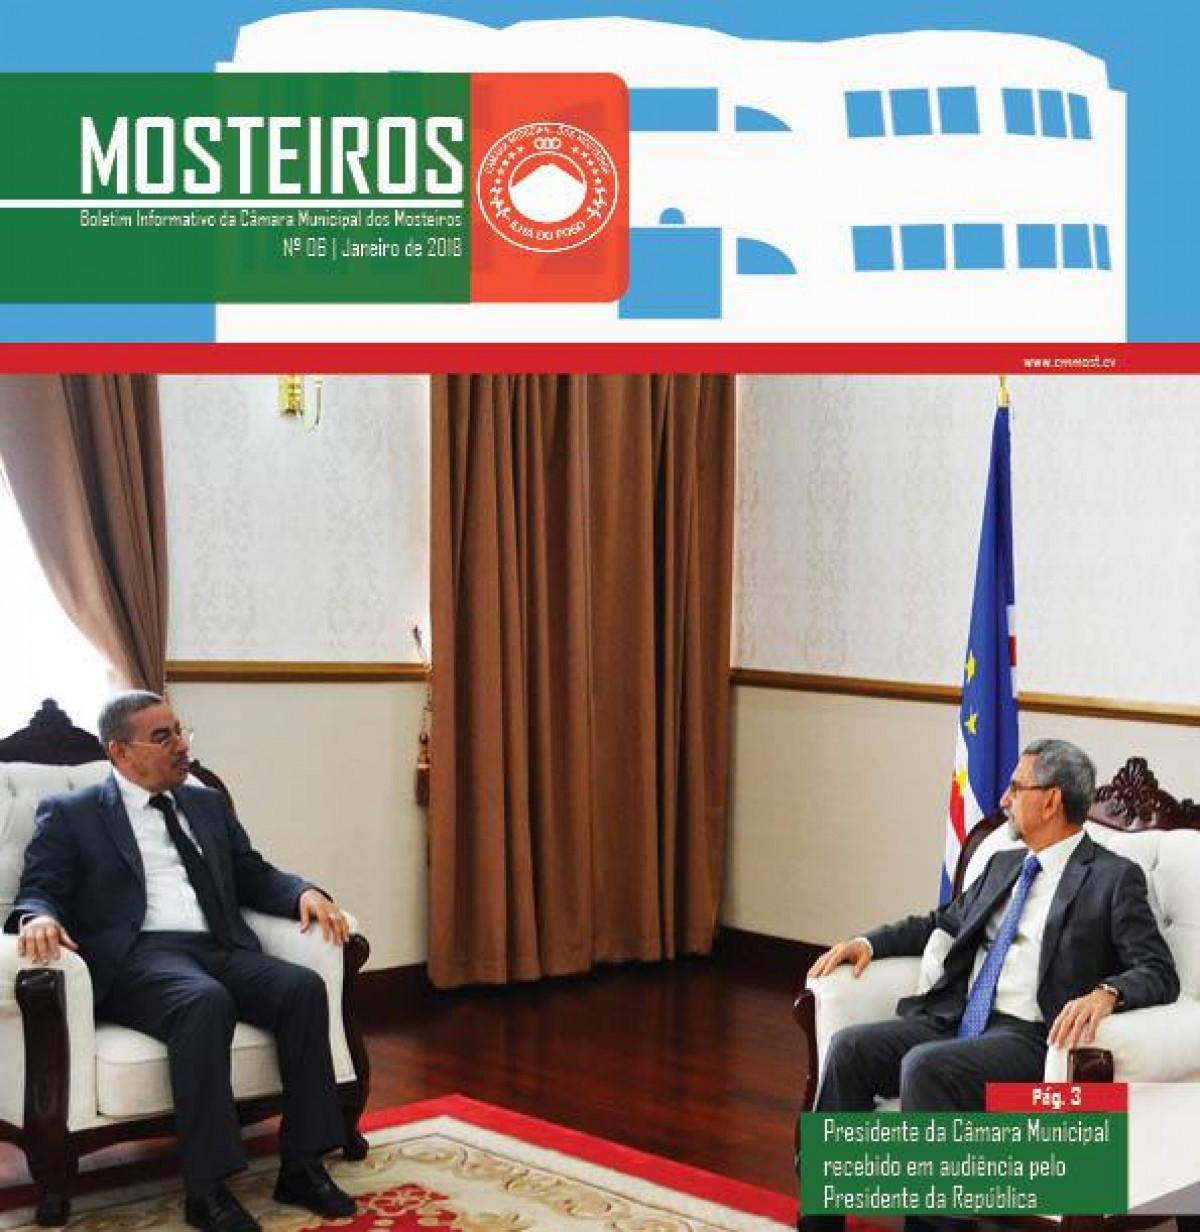 Institucional: 1º mês do ano em revista no Boletim Informativo da Câmara Municipal dos Mosteiros